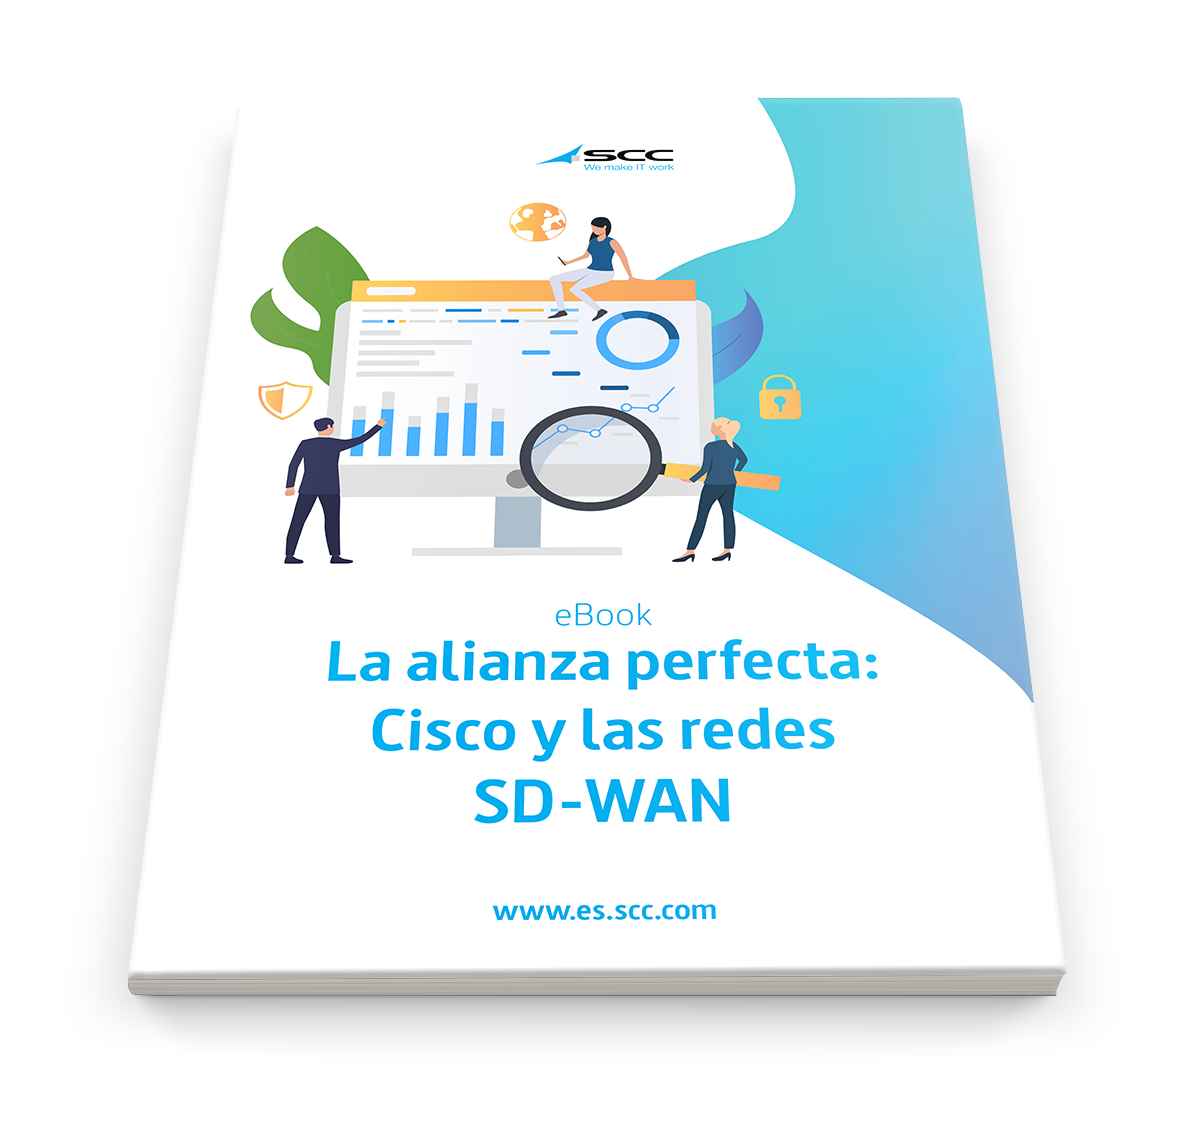 La alianza perfecta: Cisco y las redes SD-WAN.